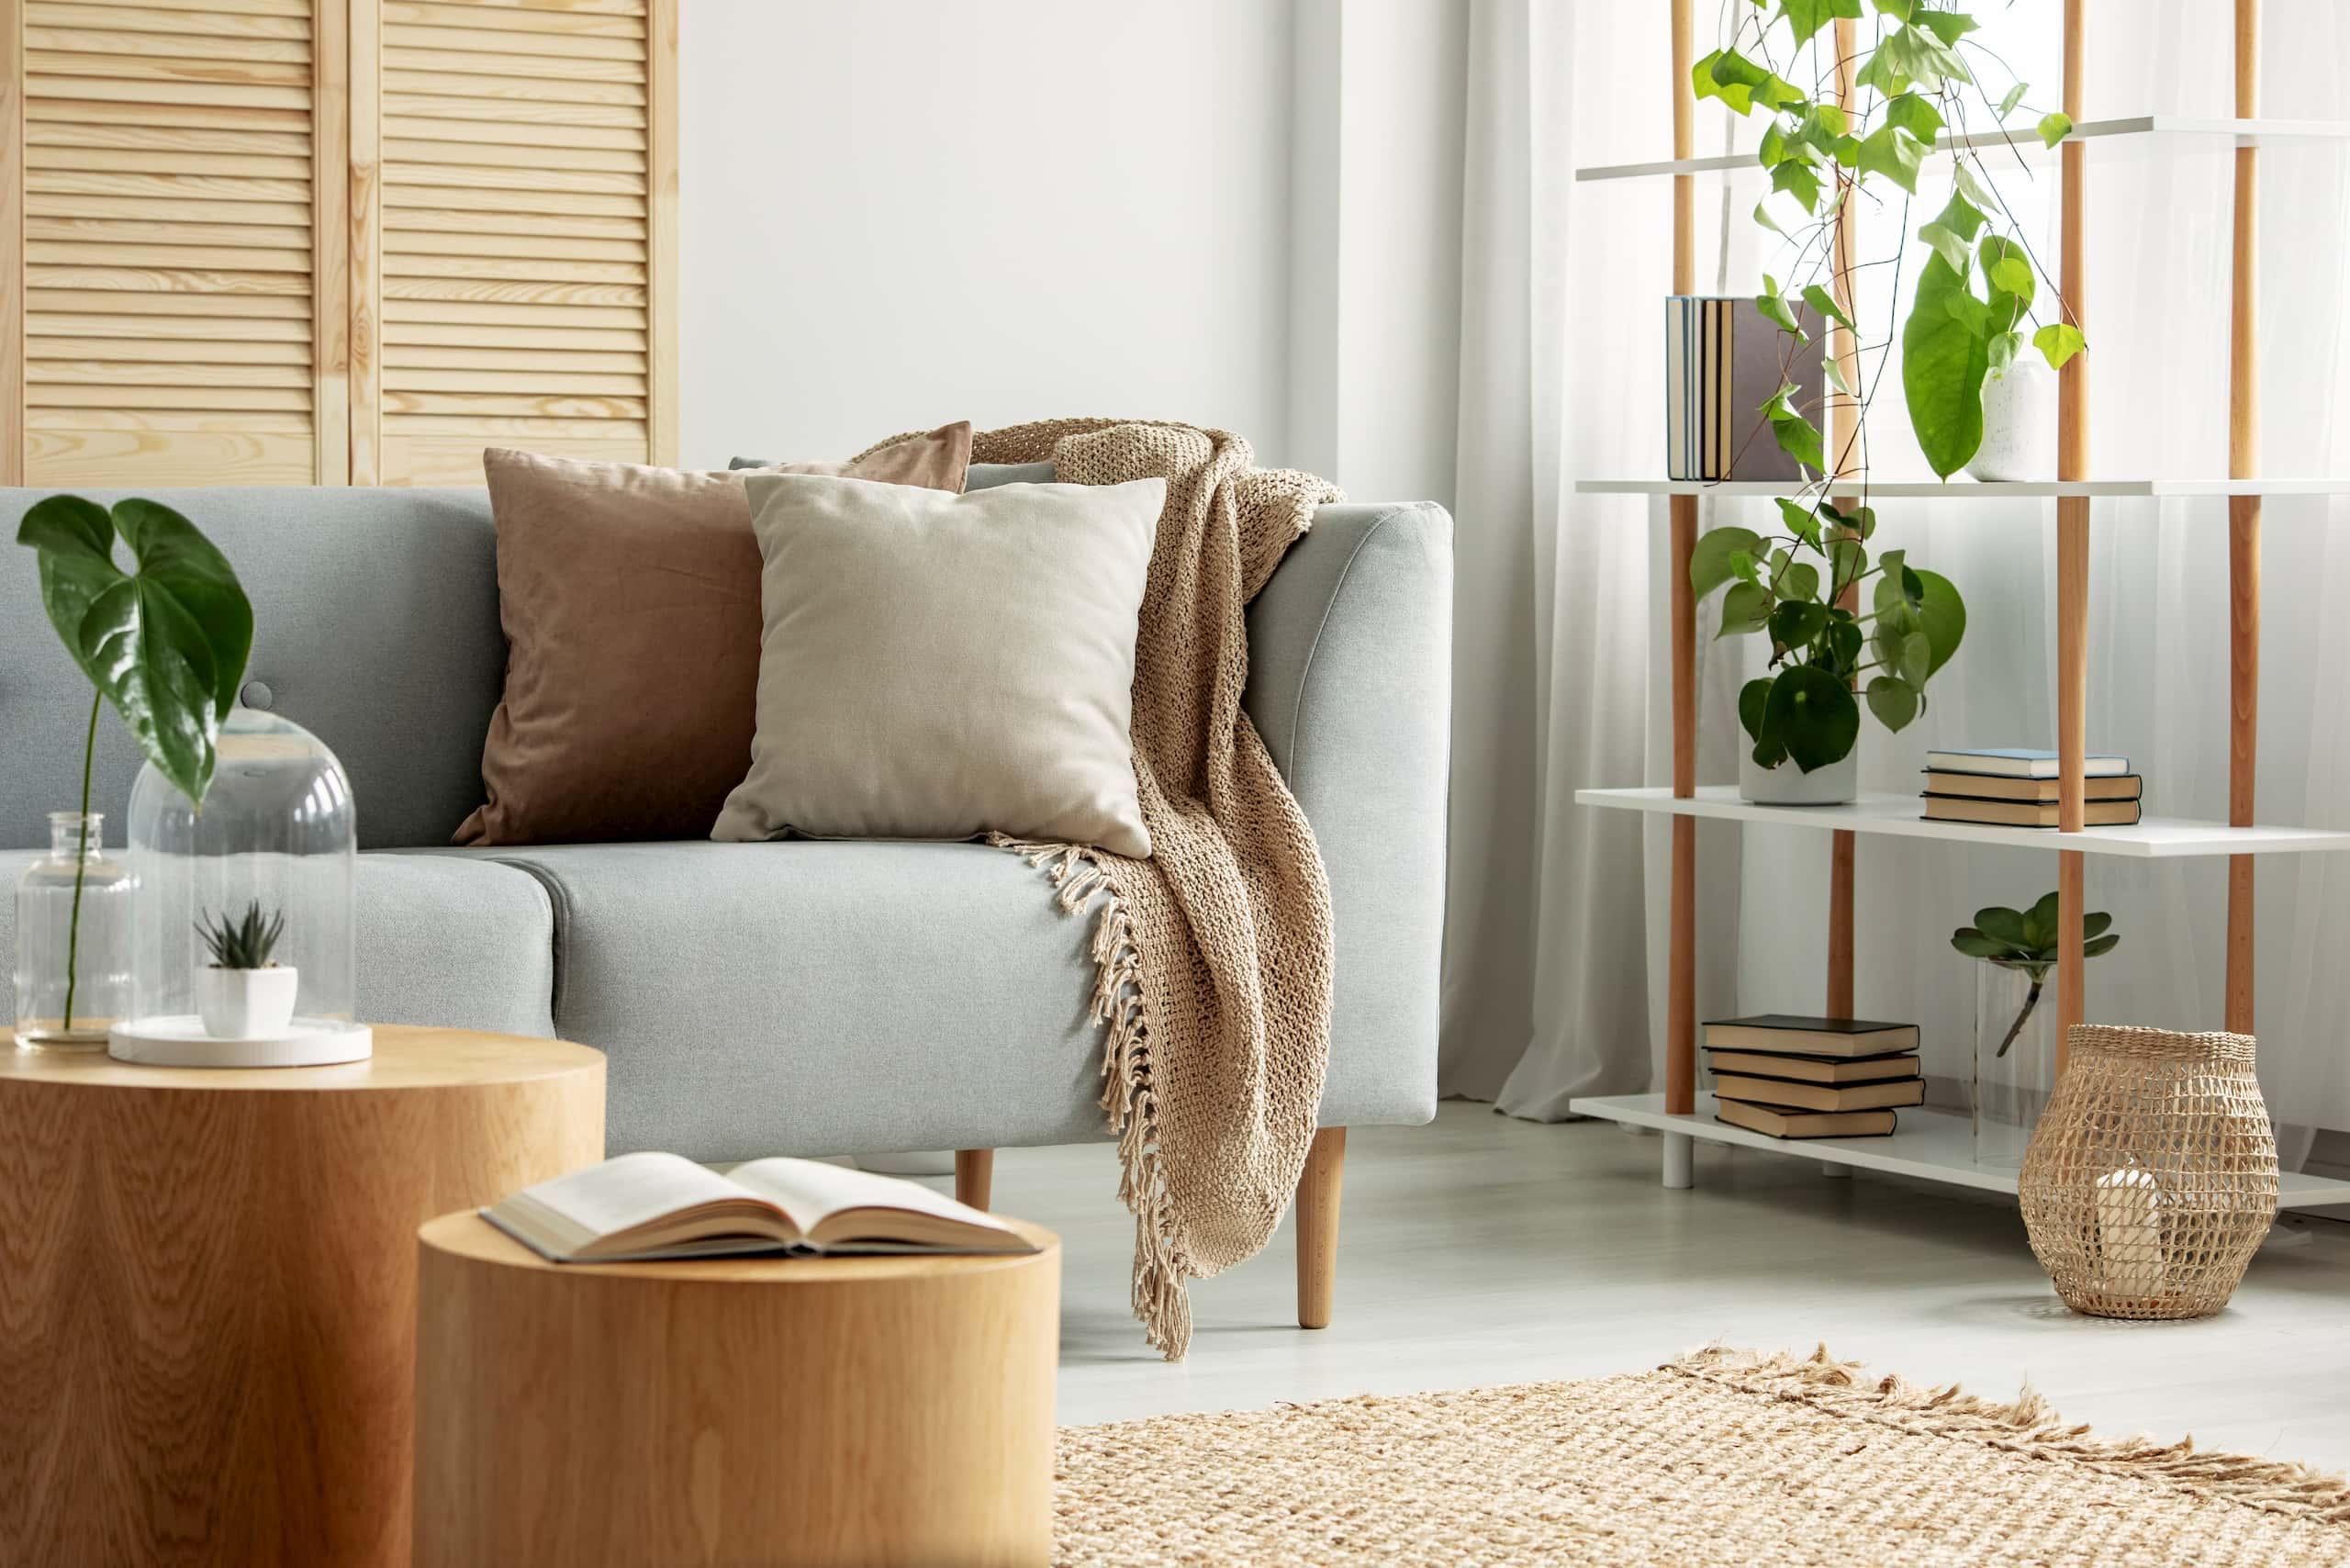 Décoration de salon contemporaine avec plantes et panier en osier